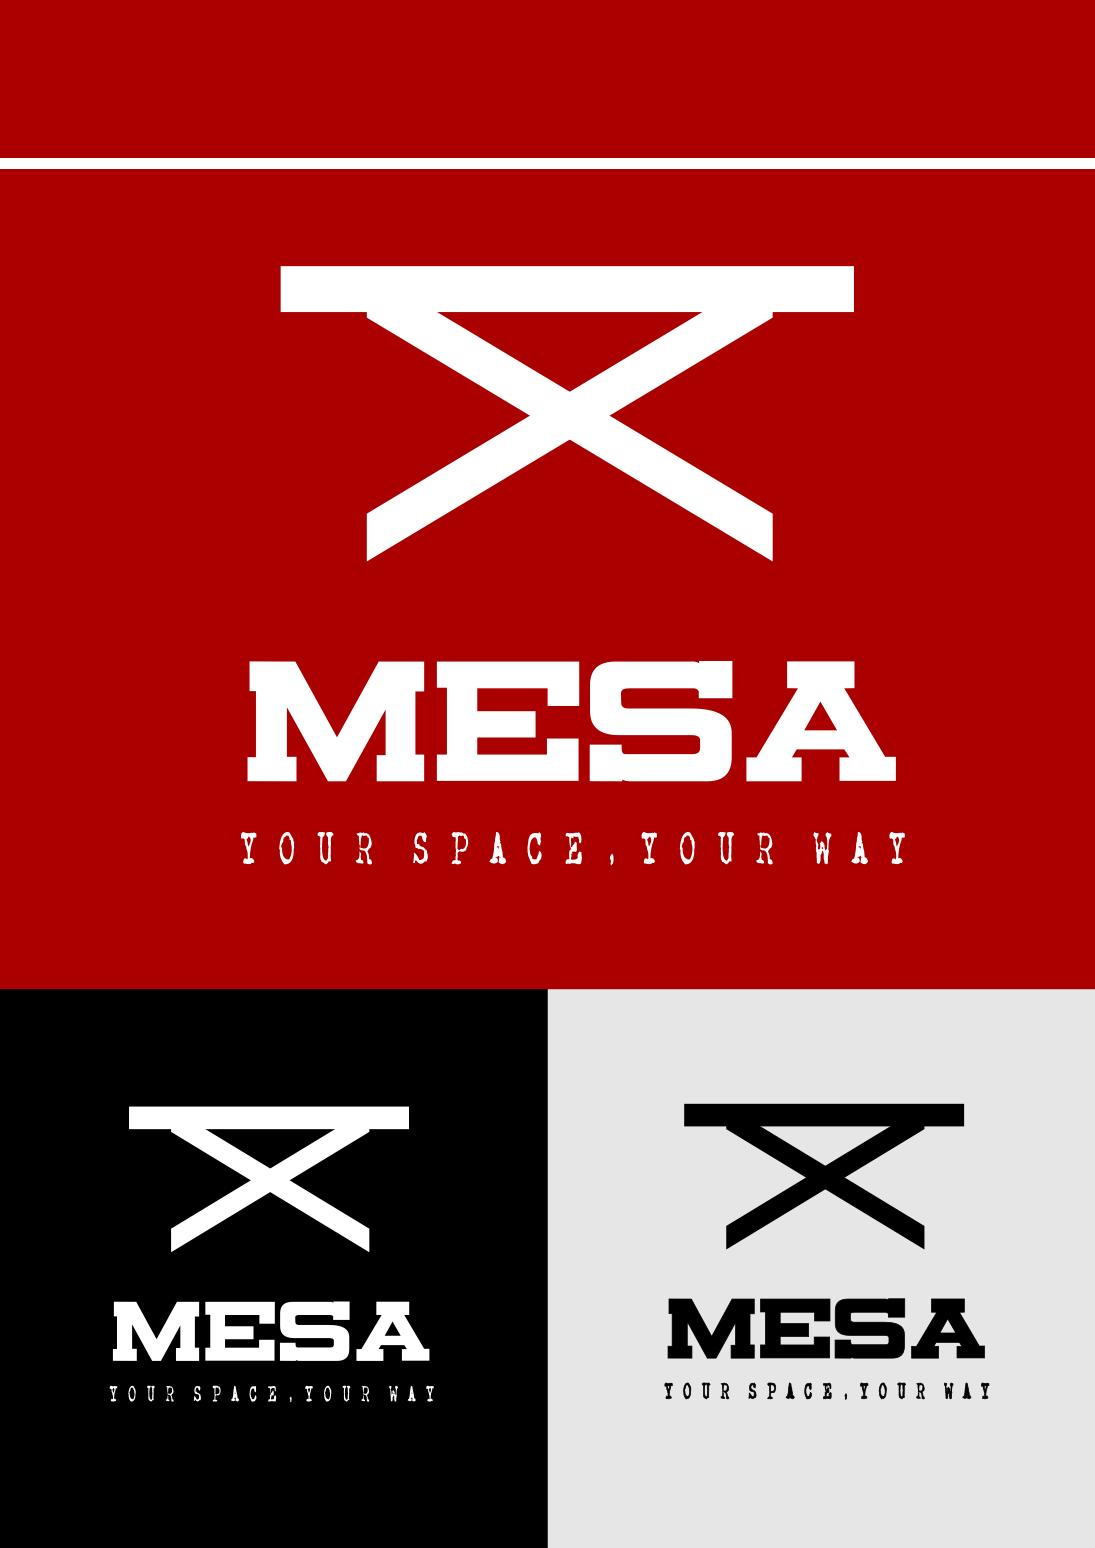 Logo Design by whoosef - Entry No. 50 in the Logo Design Contest Logo Design for Mesa.